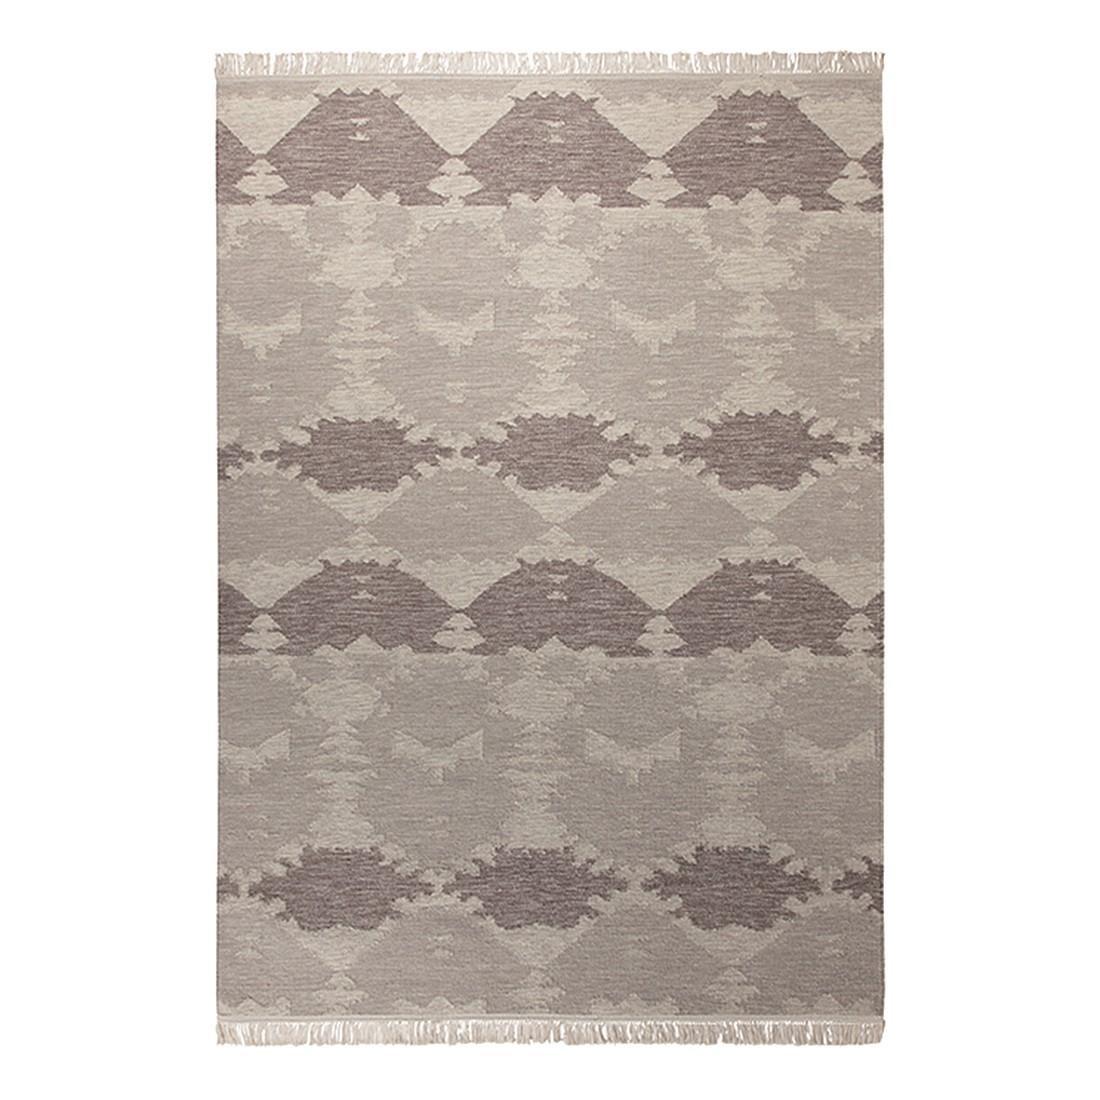 Teppich Denim Batik – Taupe – Maße: 160 x 230 cm, Esprit Home online kaufen